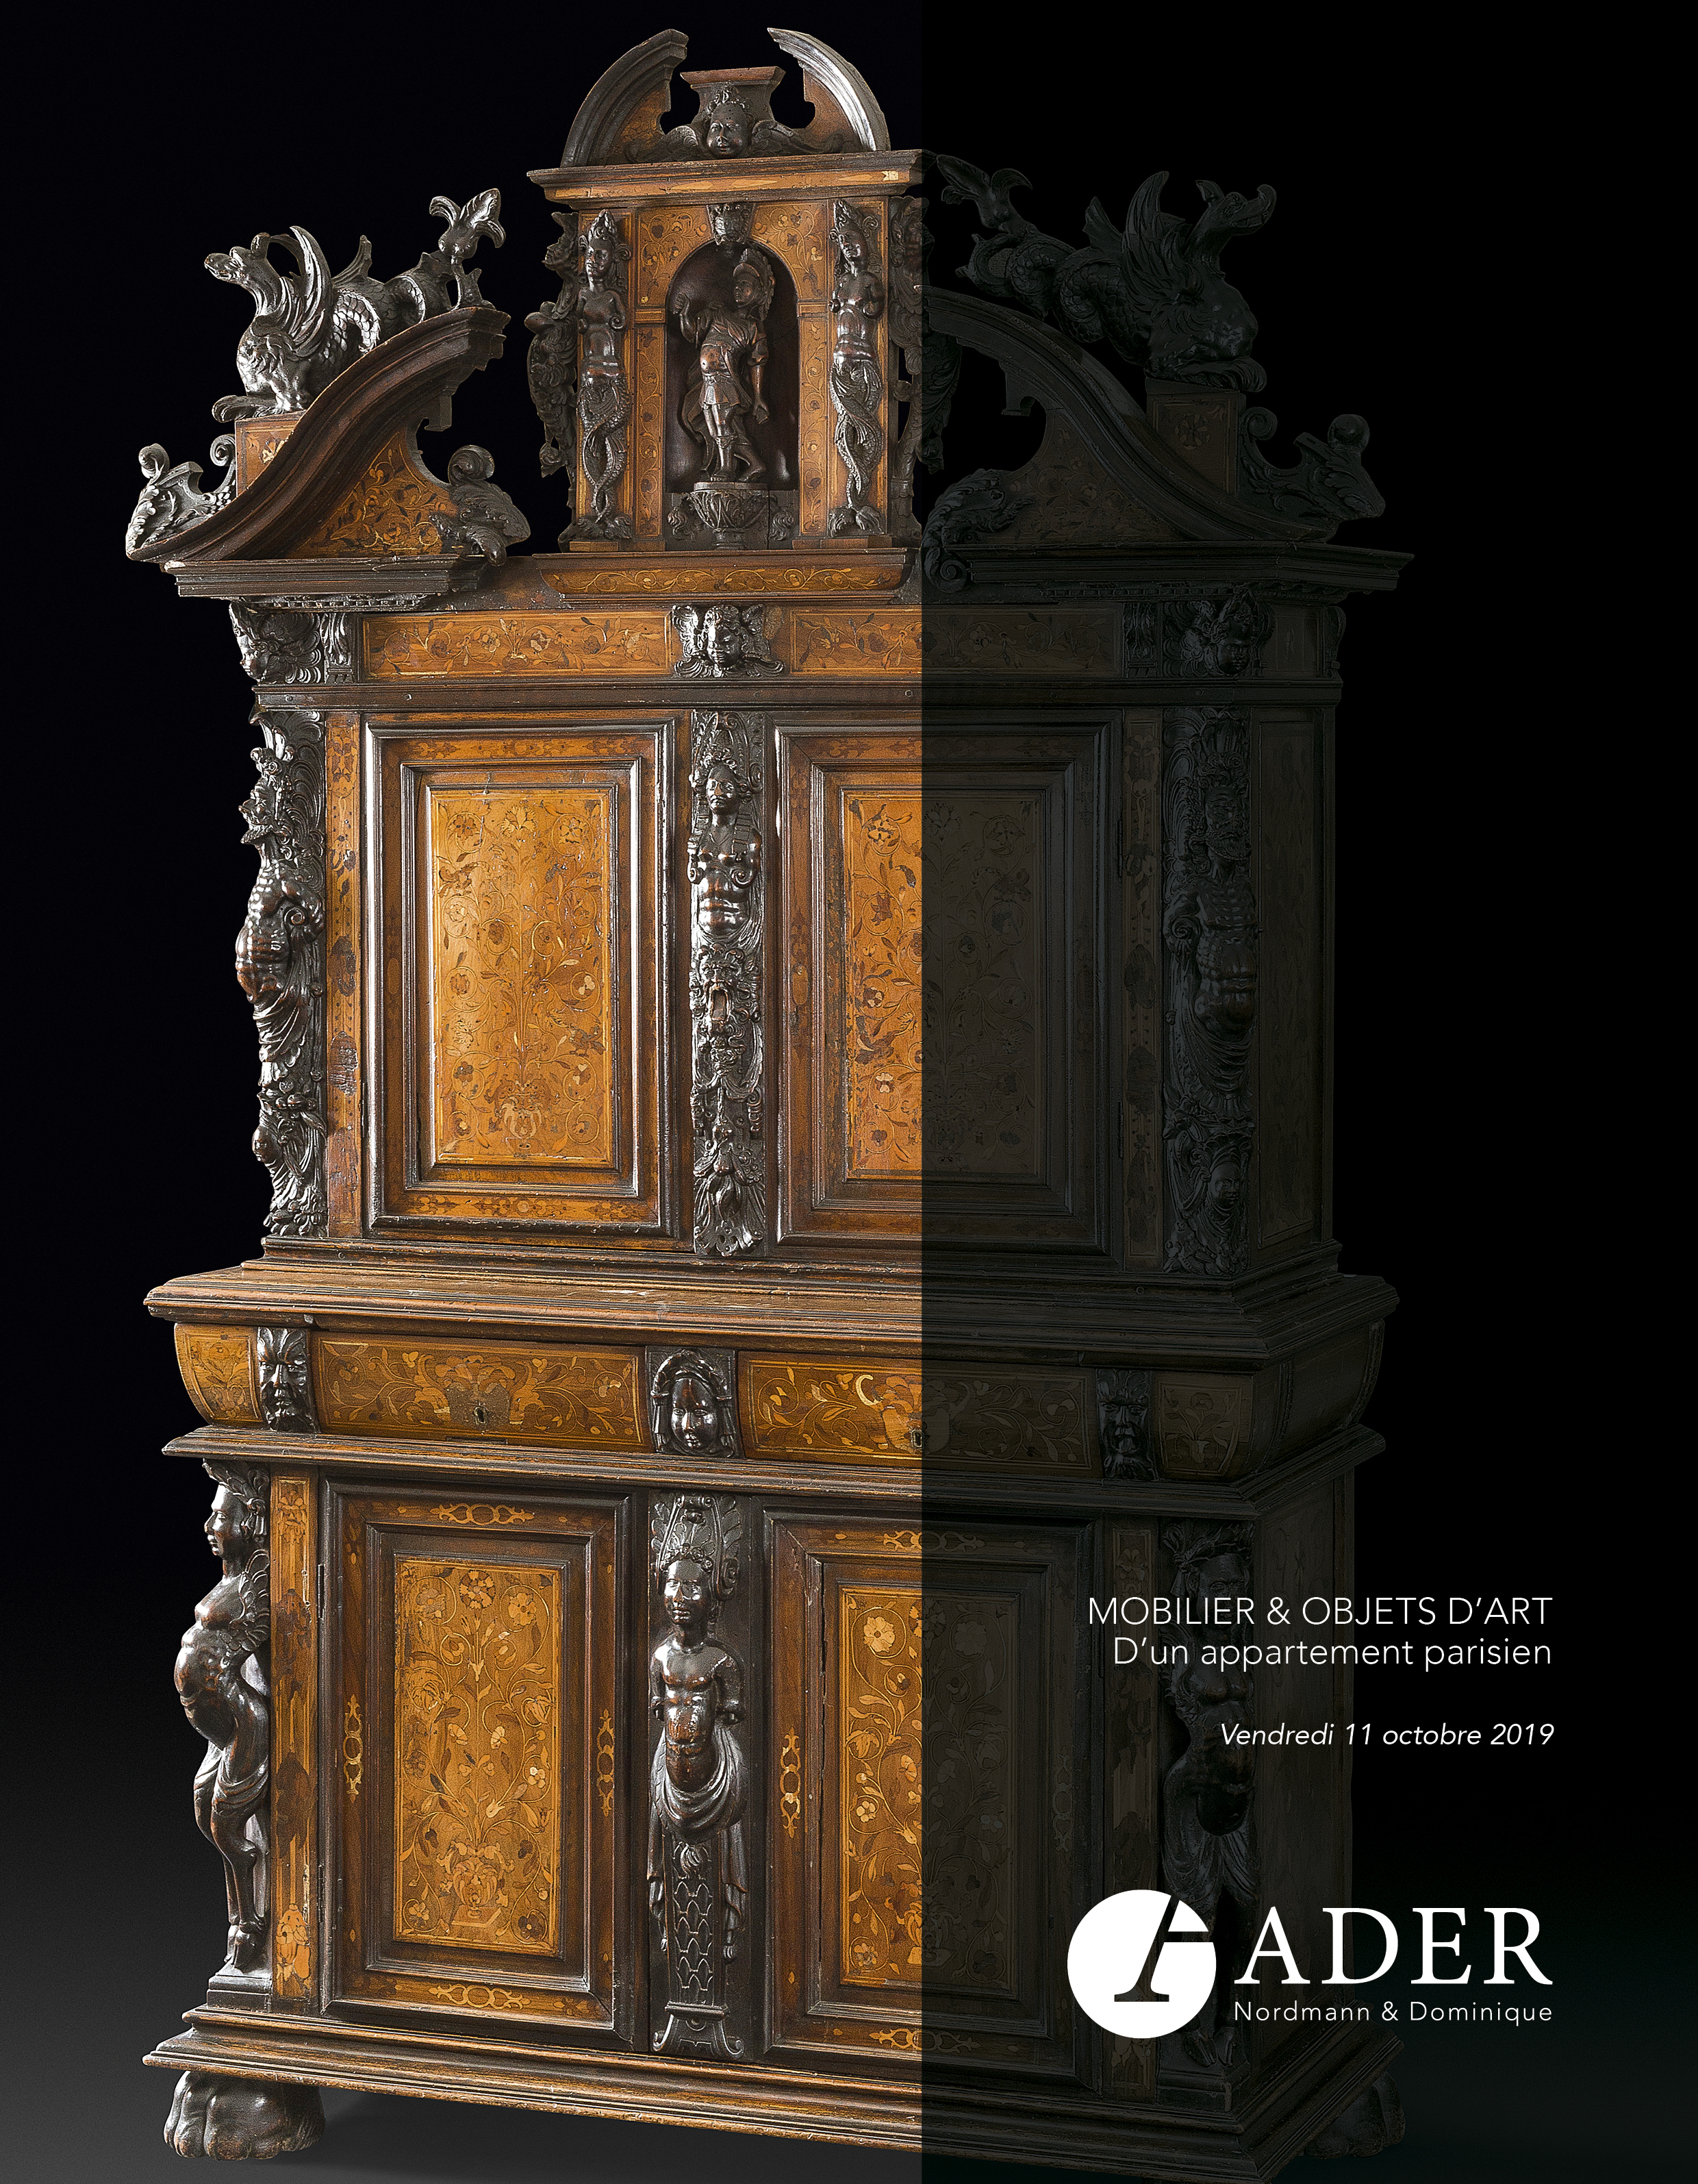 Vente Mobilier et Objets d'Art chez Ader : 187 lots